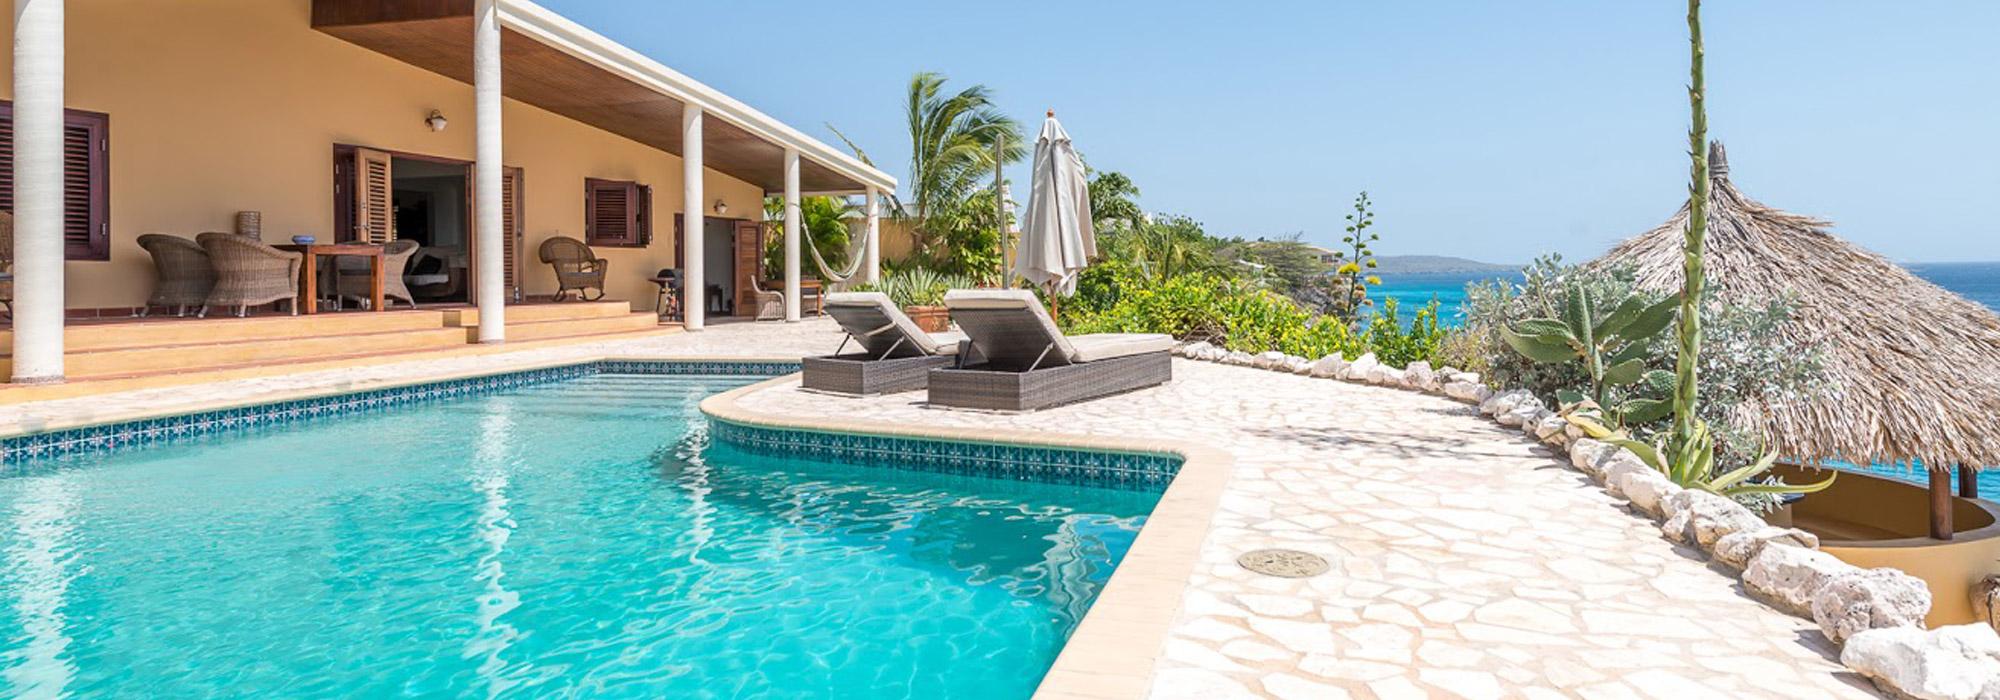 Vakantieverhuur op Curaçao